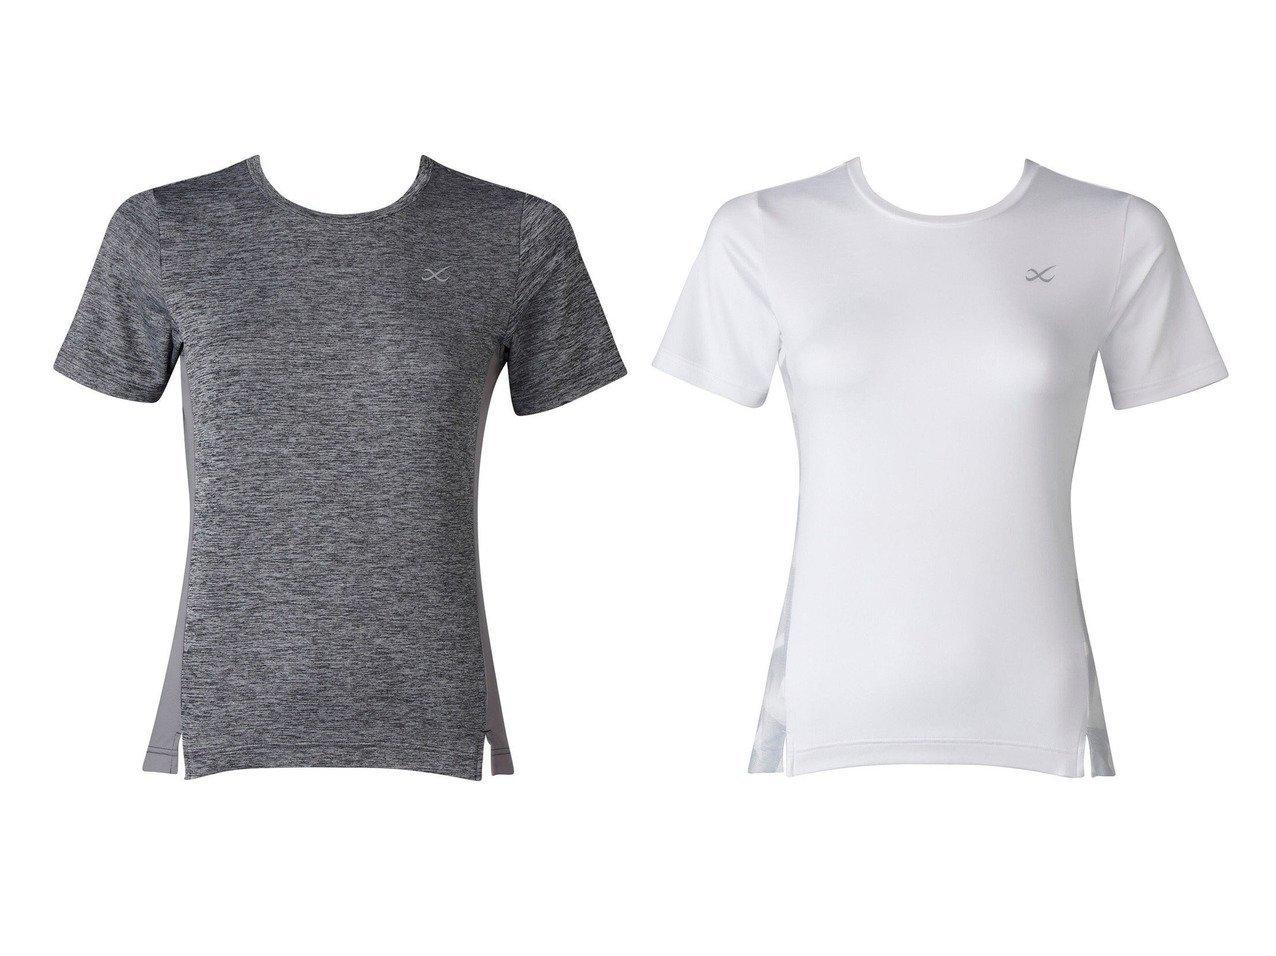 【CW-X/シーダブリューエックス】の【WOMEN】アウター Tシャツ 半袖ワコール スポーツウェア・ヨガ・運動・ダイエットグッズなどのおすすめ!人気トレンド・ファッション通販 おすすめで人気の流行・トレンド、ファッションの通販商品 インテリア・家具・メンズファッション・キッズファッション・レディースファッション・服の通販 founy(ファニー) https://founy.com/ ファッション Fashion レディースファッション WOMEN アウター Coat Outerwear トップス・カットソー Tops/Tshirt シャツ/ブラウス Shirts/Blouses ロング / Tシャツ T-Shirts 送料無料 Free Shipping なめらか ストレッチ プリント 半袖 抗菌 |ID:crp329100000041136